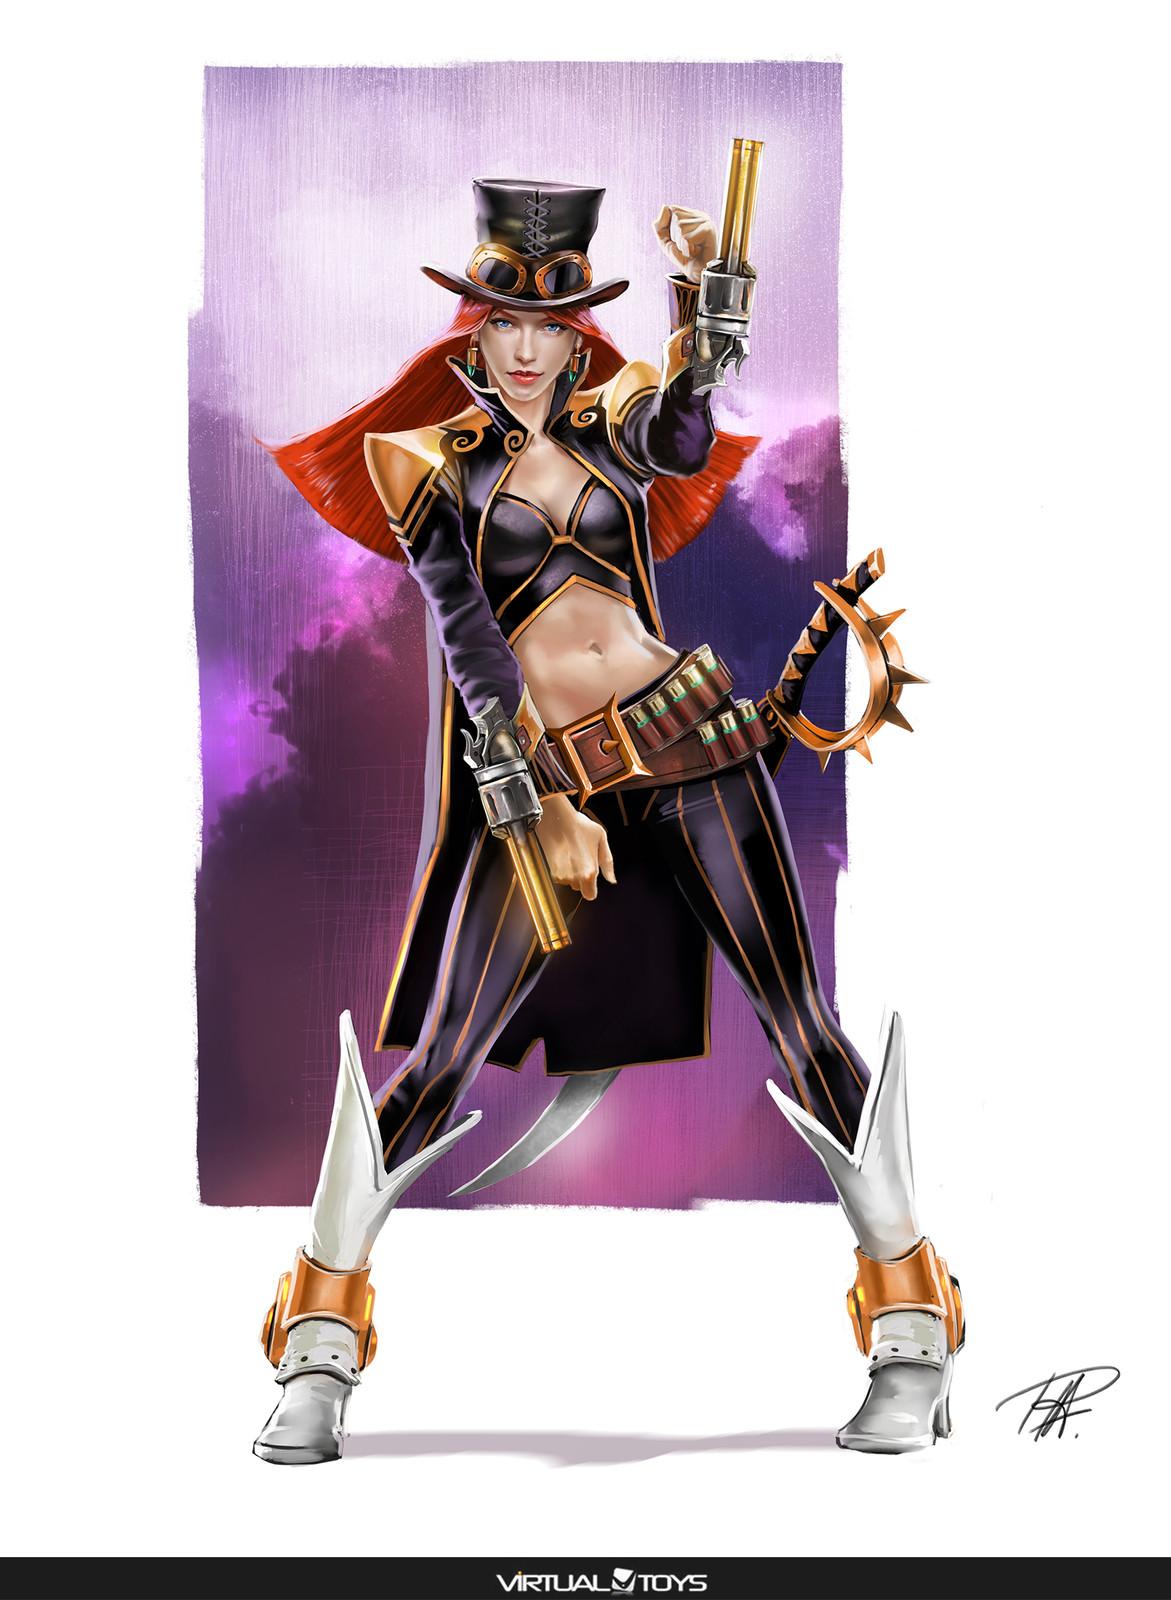 Pirate Treasure Hunters Characters designs